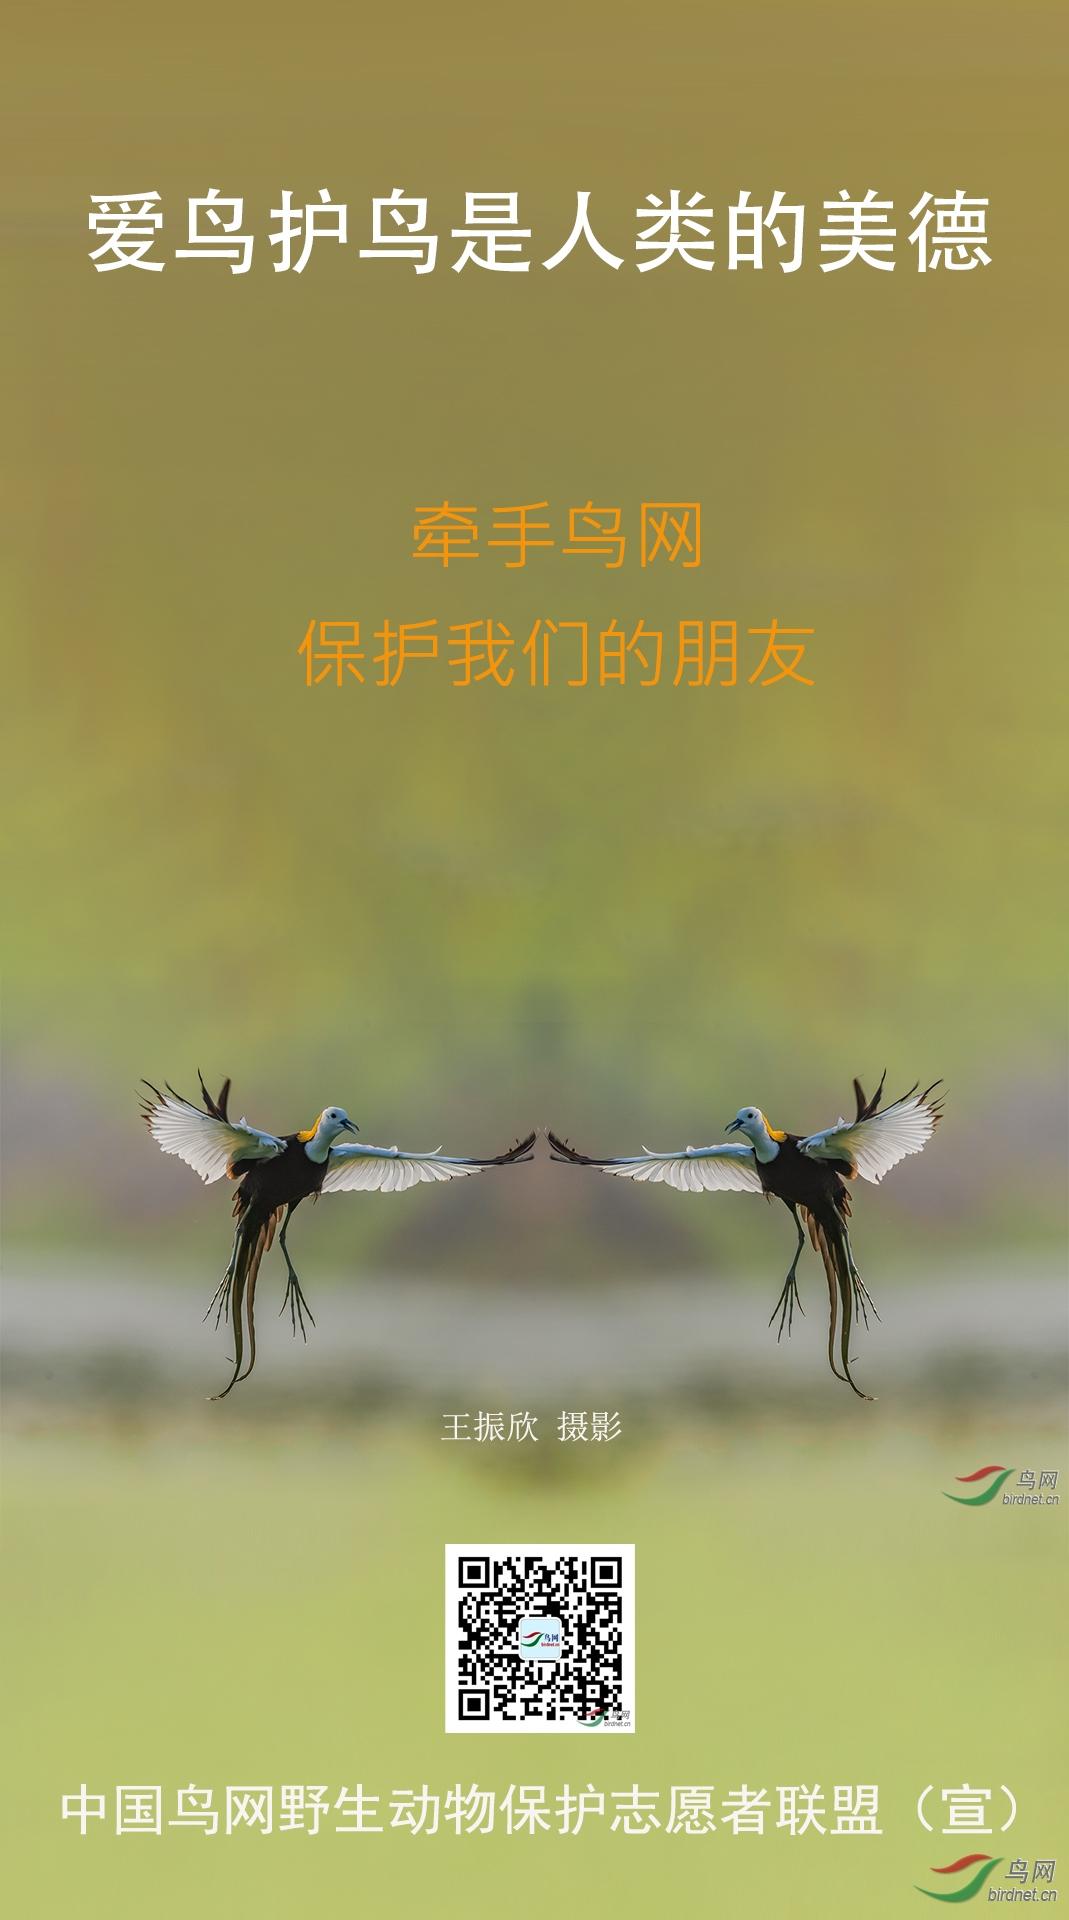 野生动物保护宣传海报 作者:自然的风.jpg